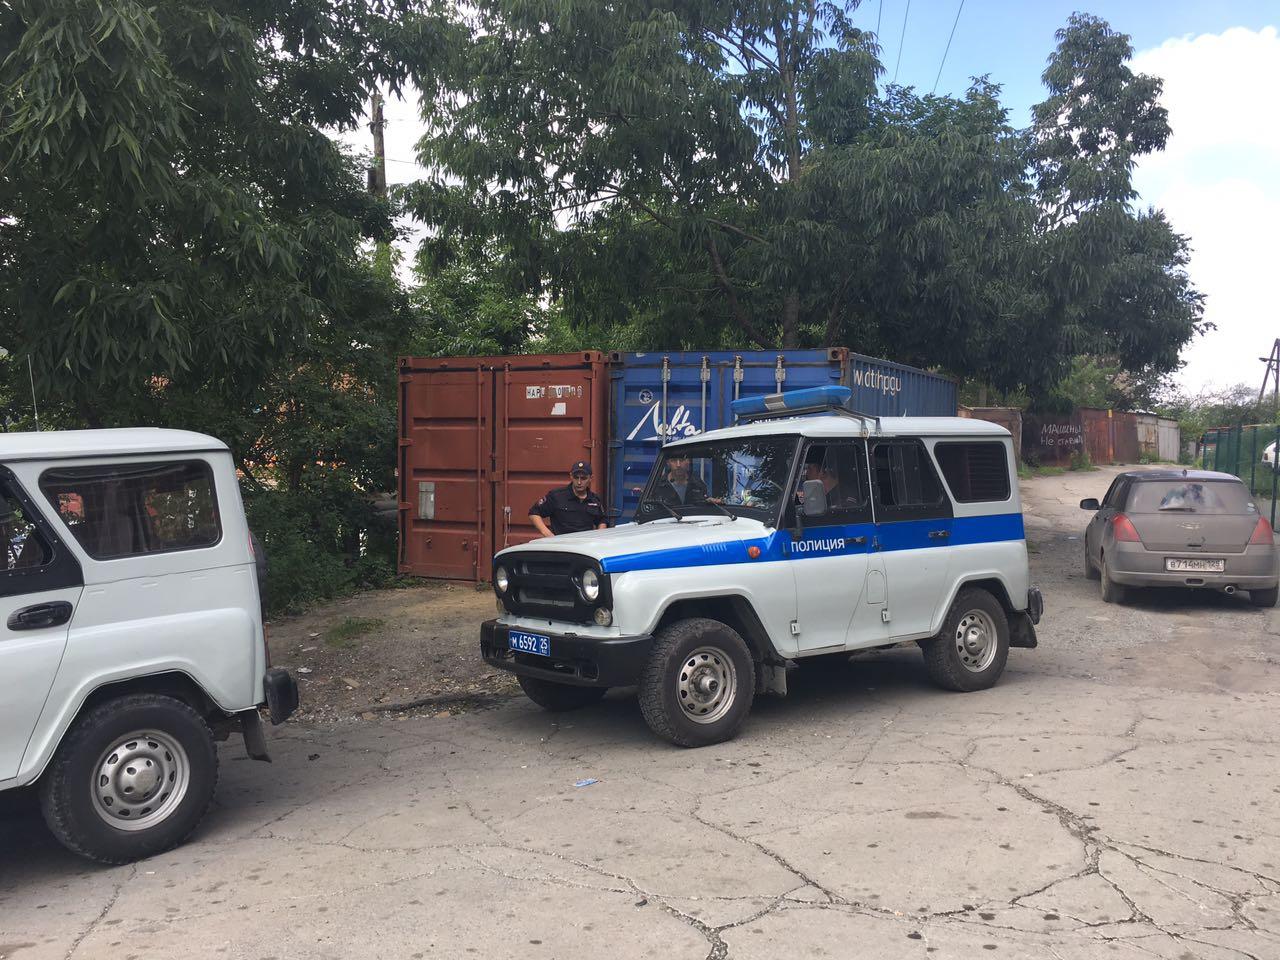 ВоВладивостоке при загадочных обстоятельствах пропал 4-летний парень